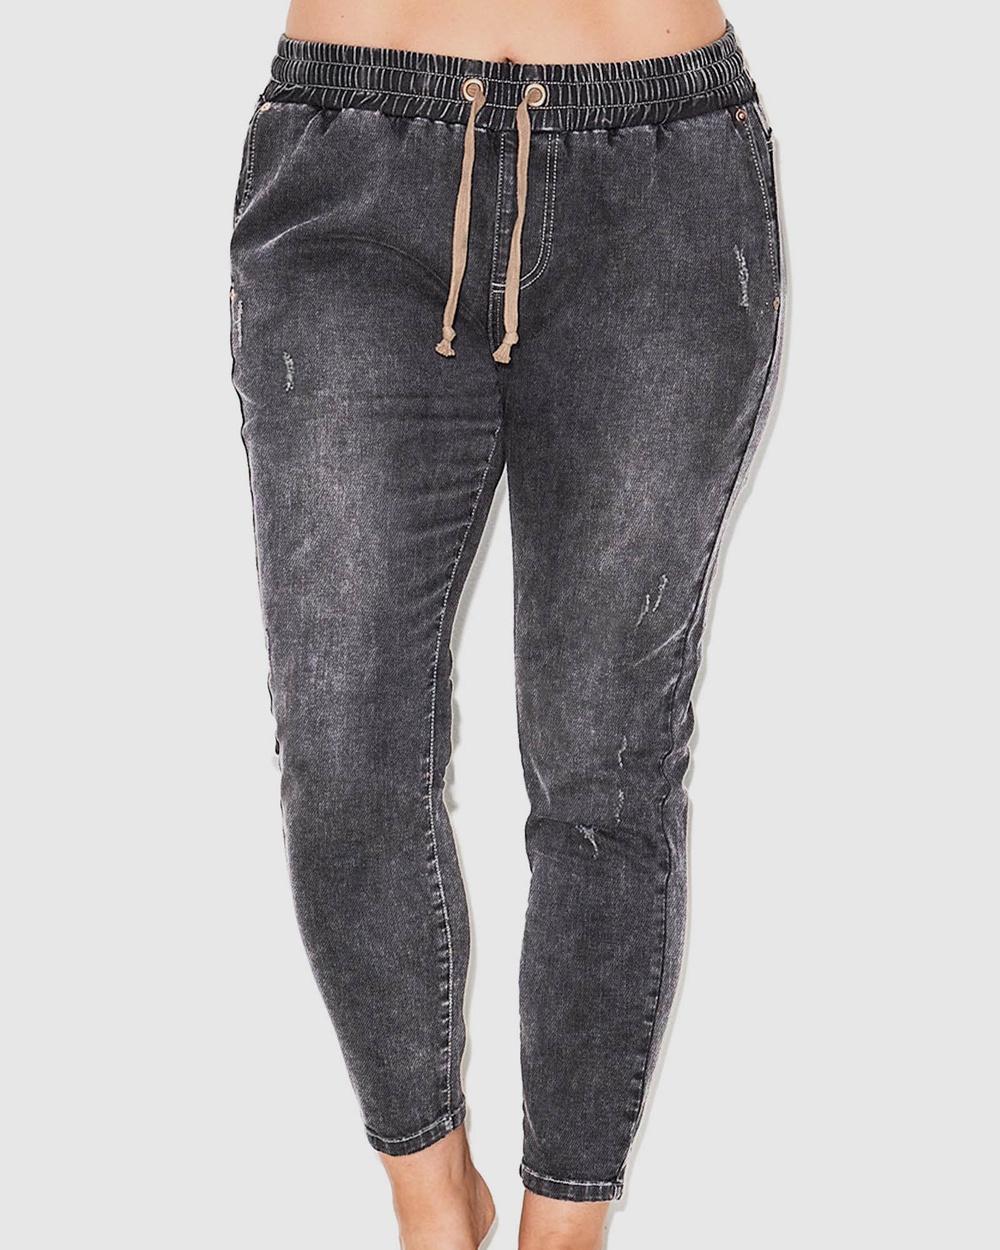 17 Sundays Warpaint Joggers Jeans Grey